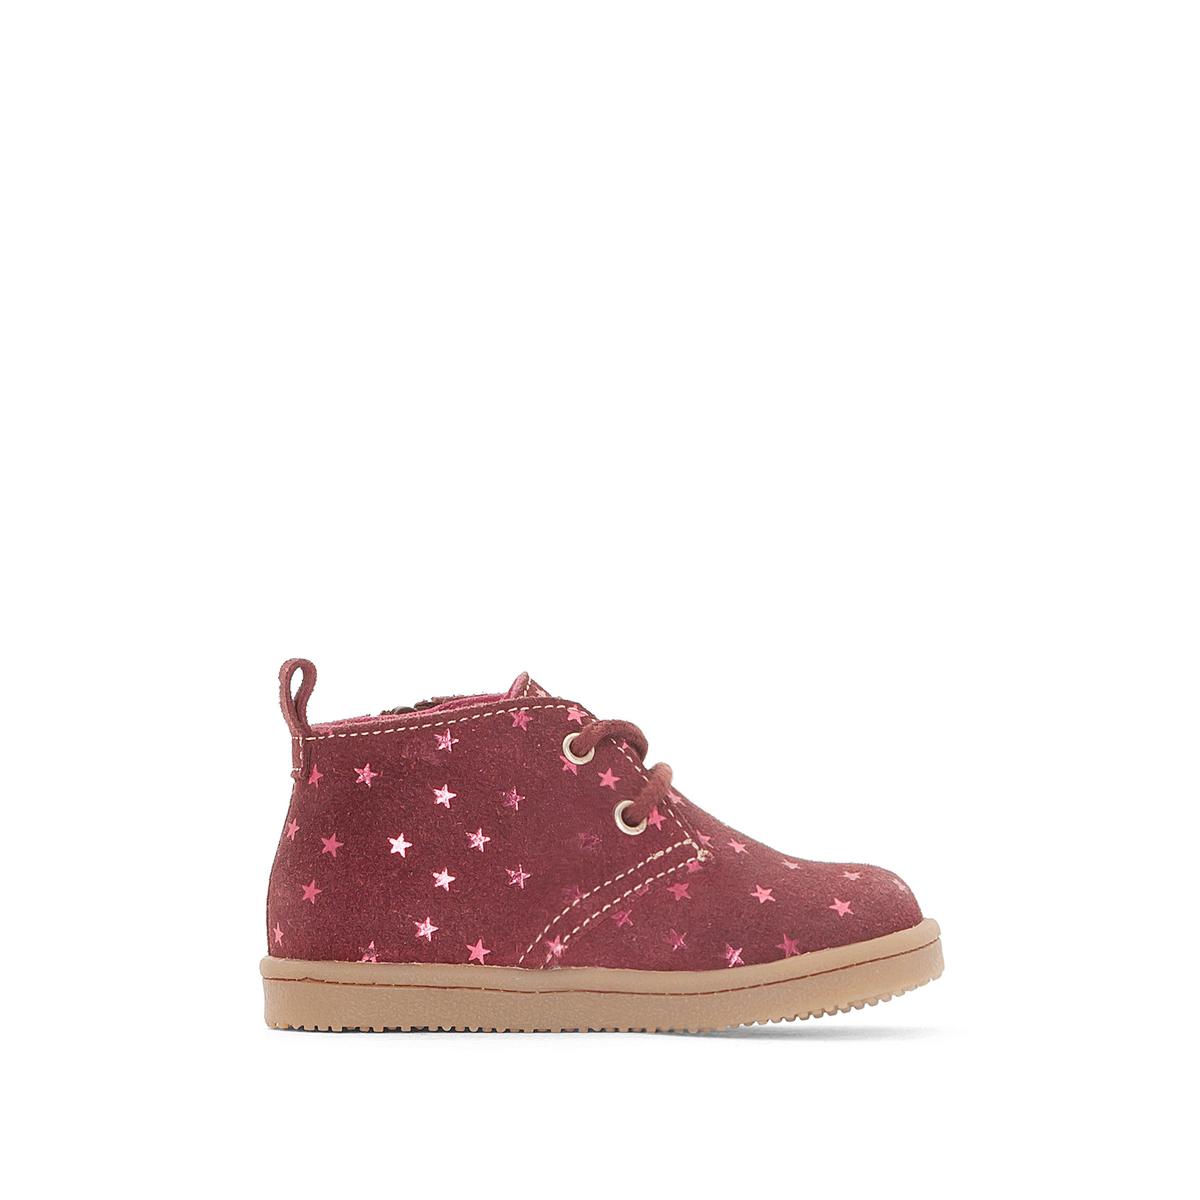 Ботинки со звёздами серебристого цвета 19-25